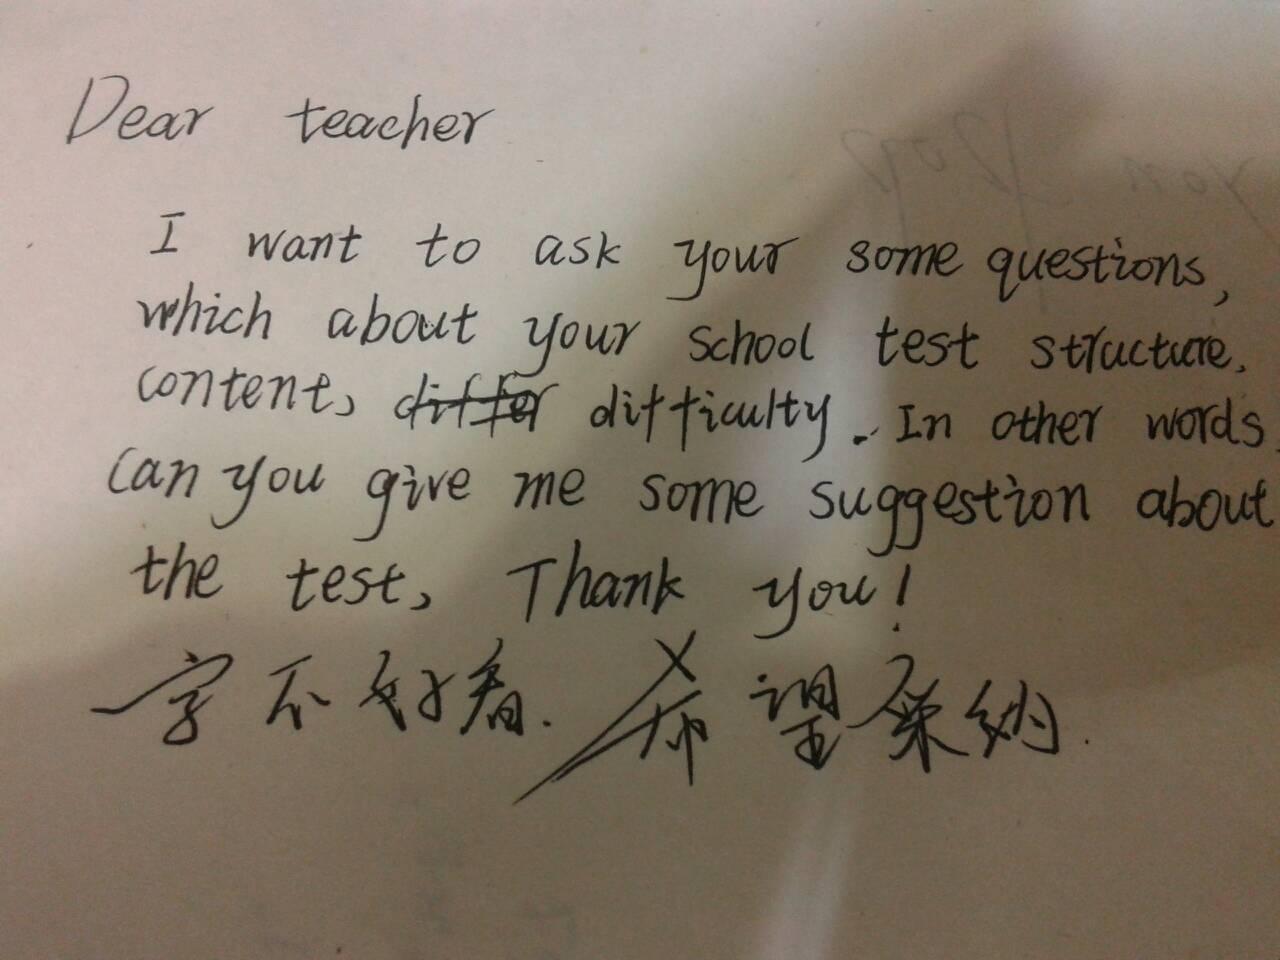 求以下文字的英语翻译: 亲爱的老师,我想请问一下你们